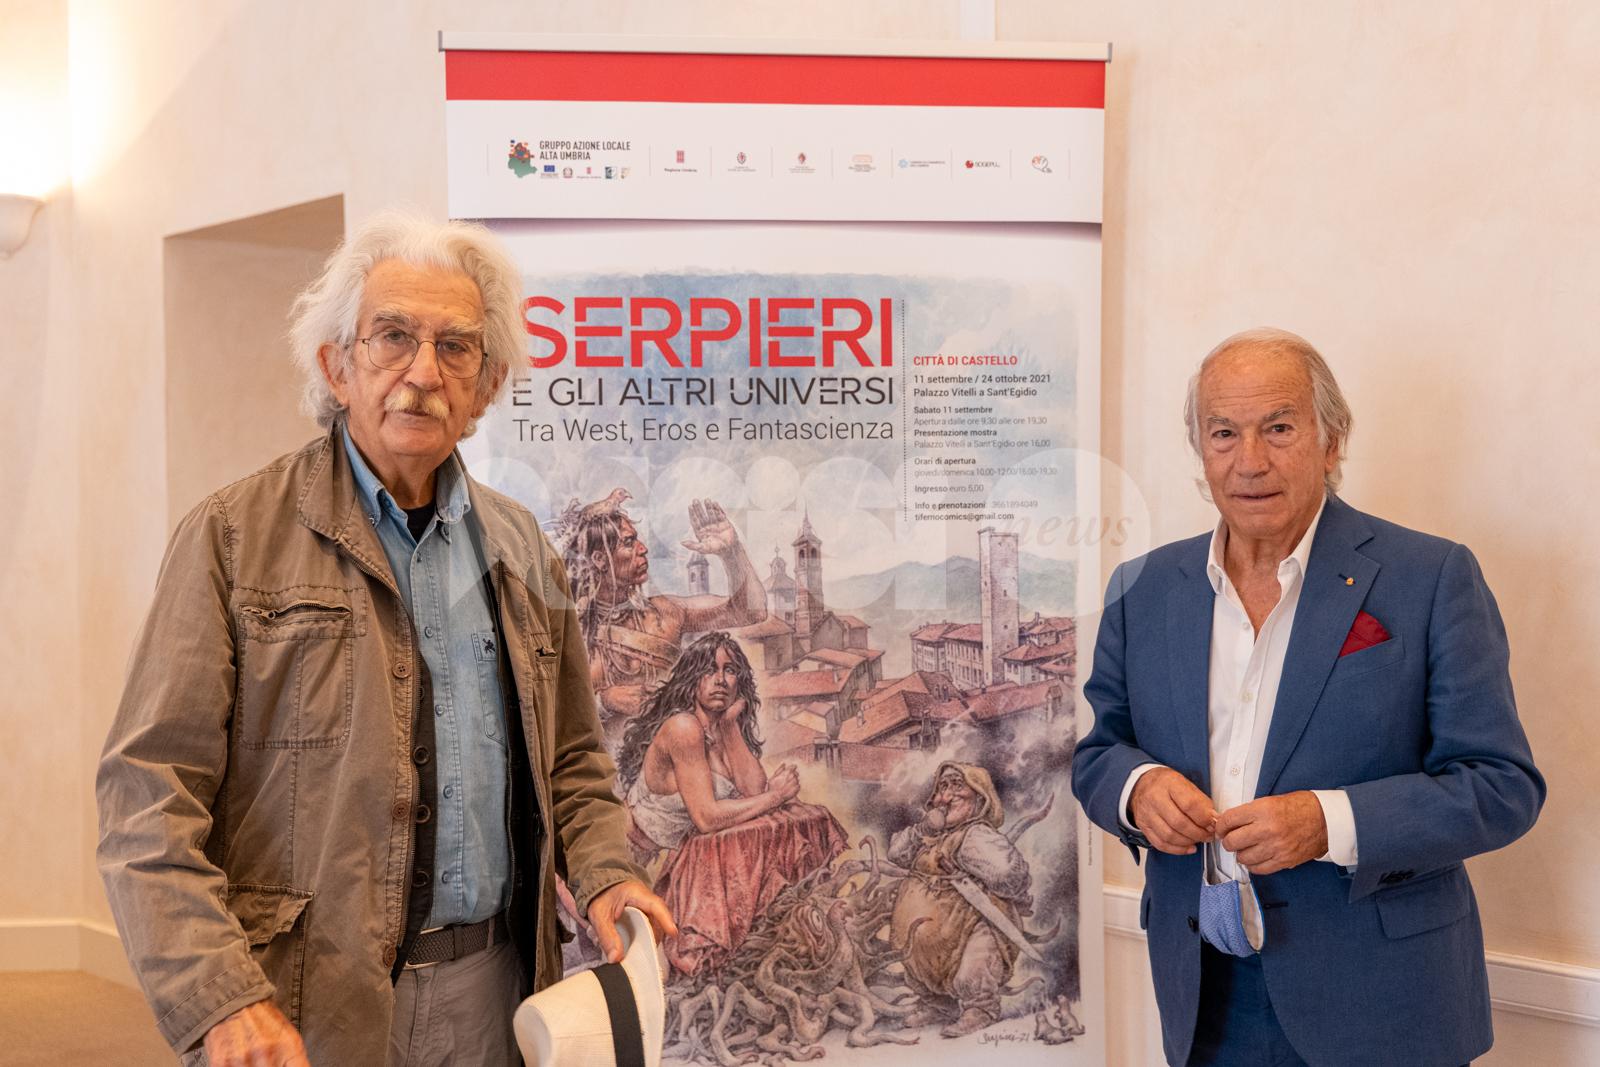 XIX Mostra Nazionale del Fumetto di Città di Castello, si celebrano gli Universi Paralleli di Paolo Eleuteri Serpieri